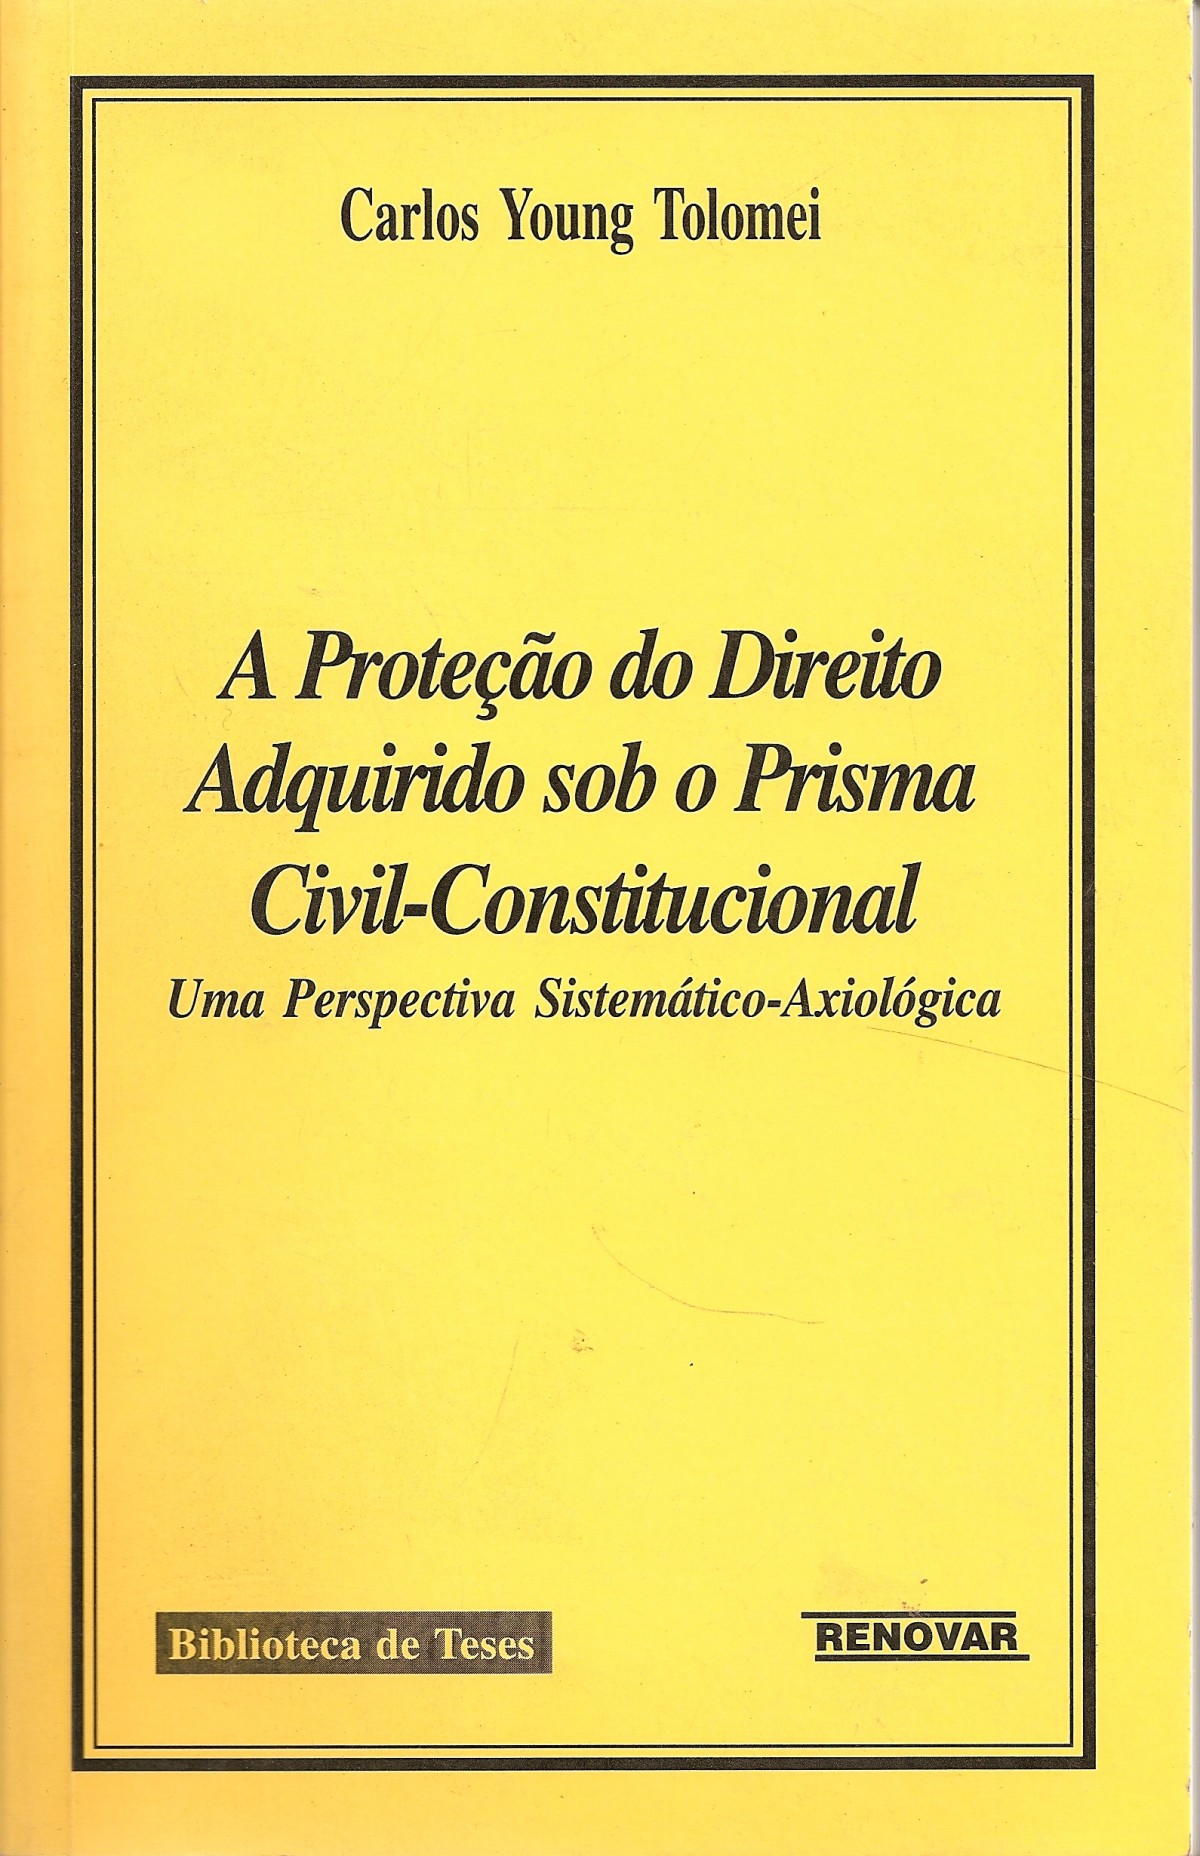 Foto 1 - A Proteção do Direito Adquirido Sob o Prisma Civil-Constitucional